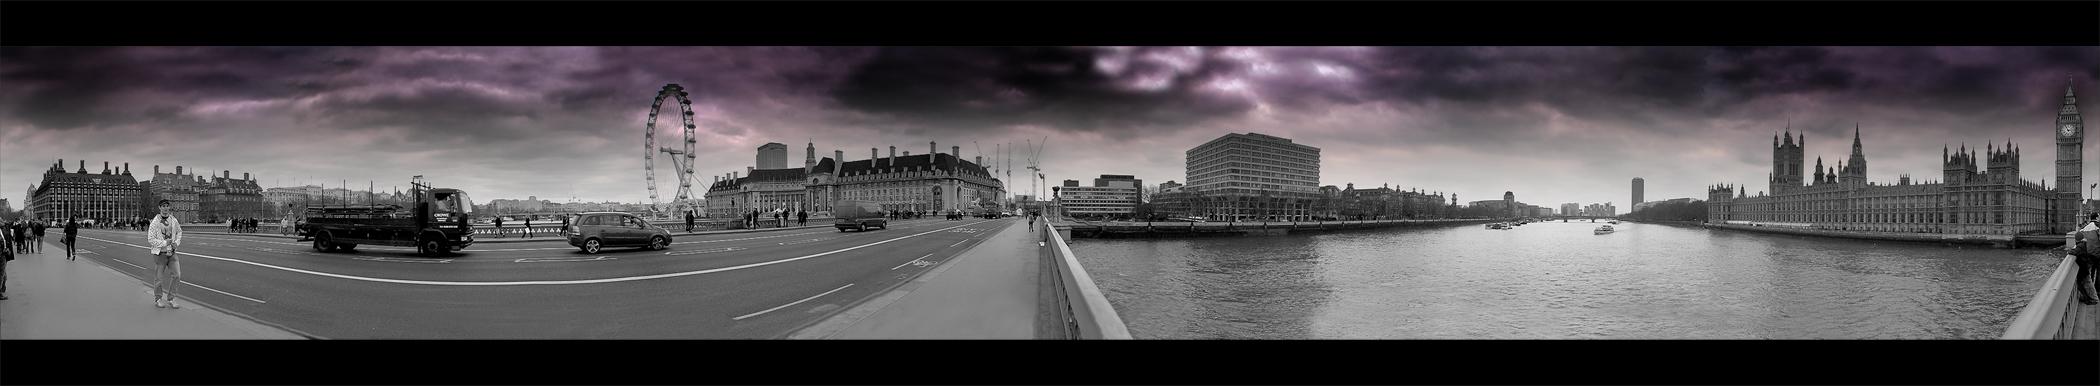 Westminster Bridge - Panorama über Themse